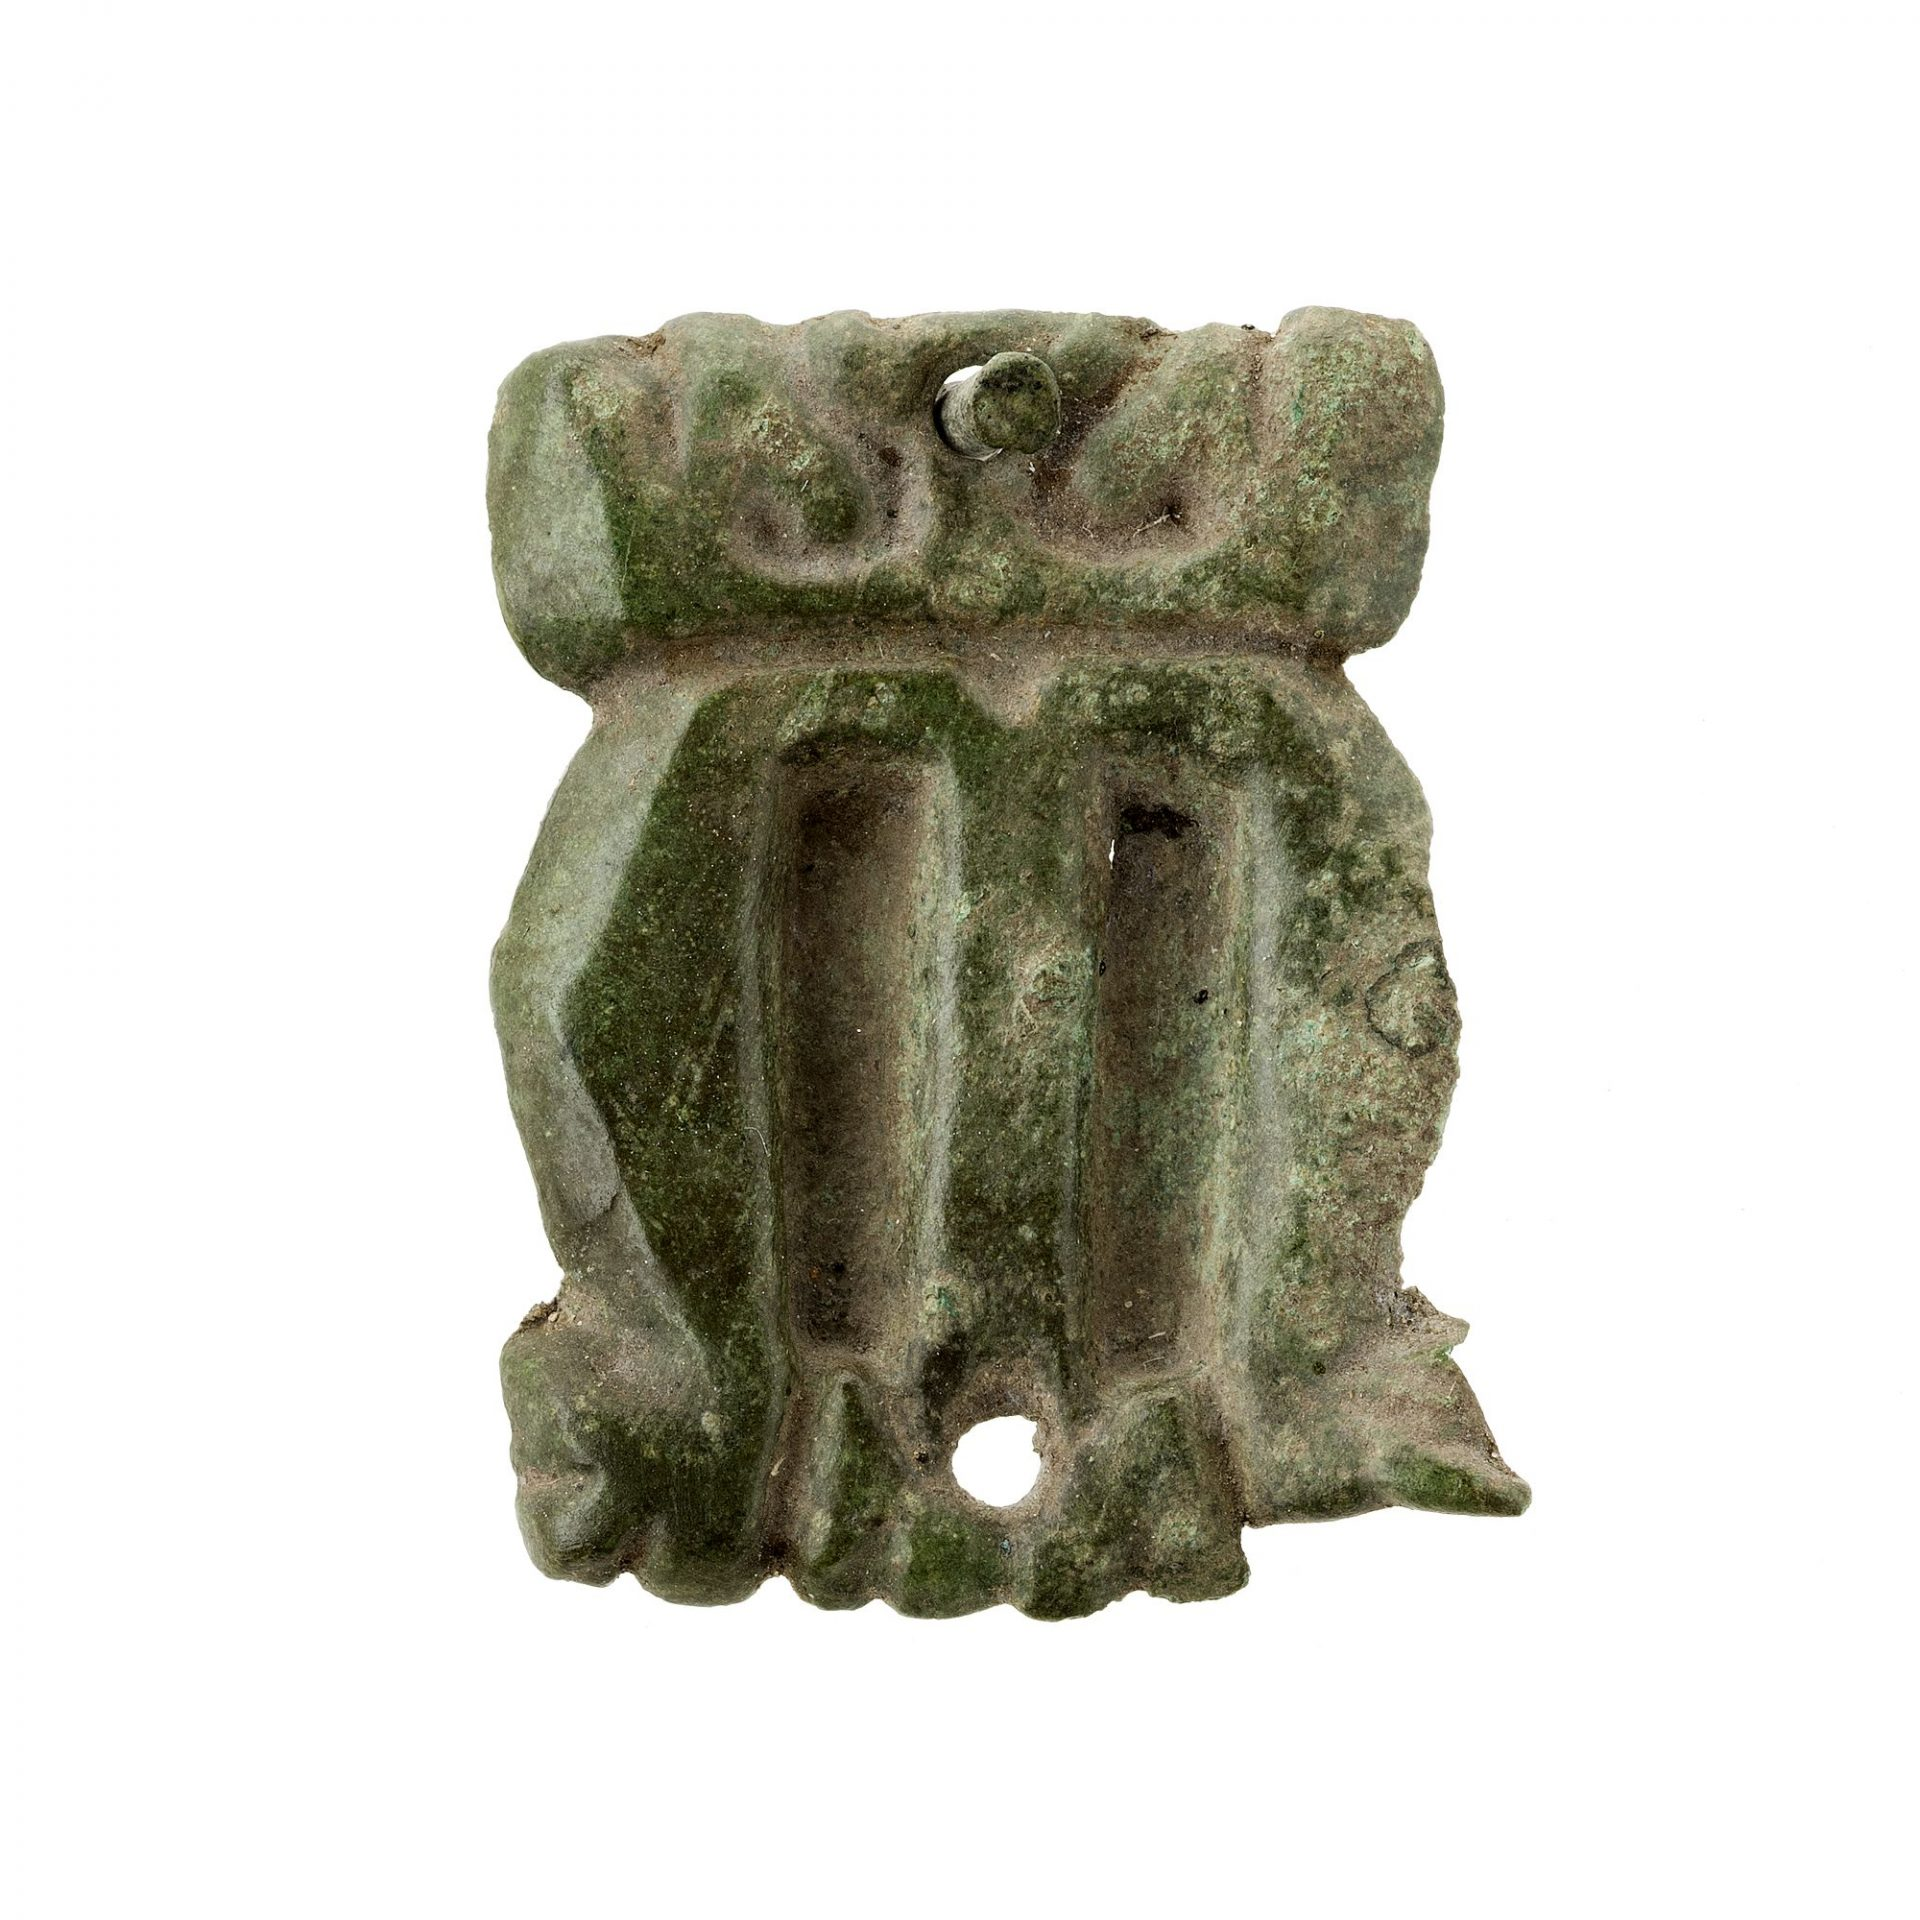 Ett metallbeslag i form av bokstaven M. Överst och nederst finns hål. i övre hålet sitter en spik.